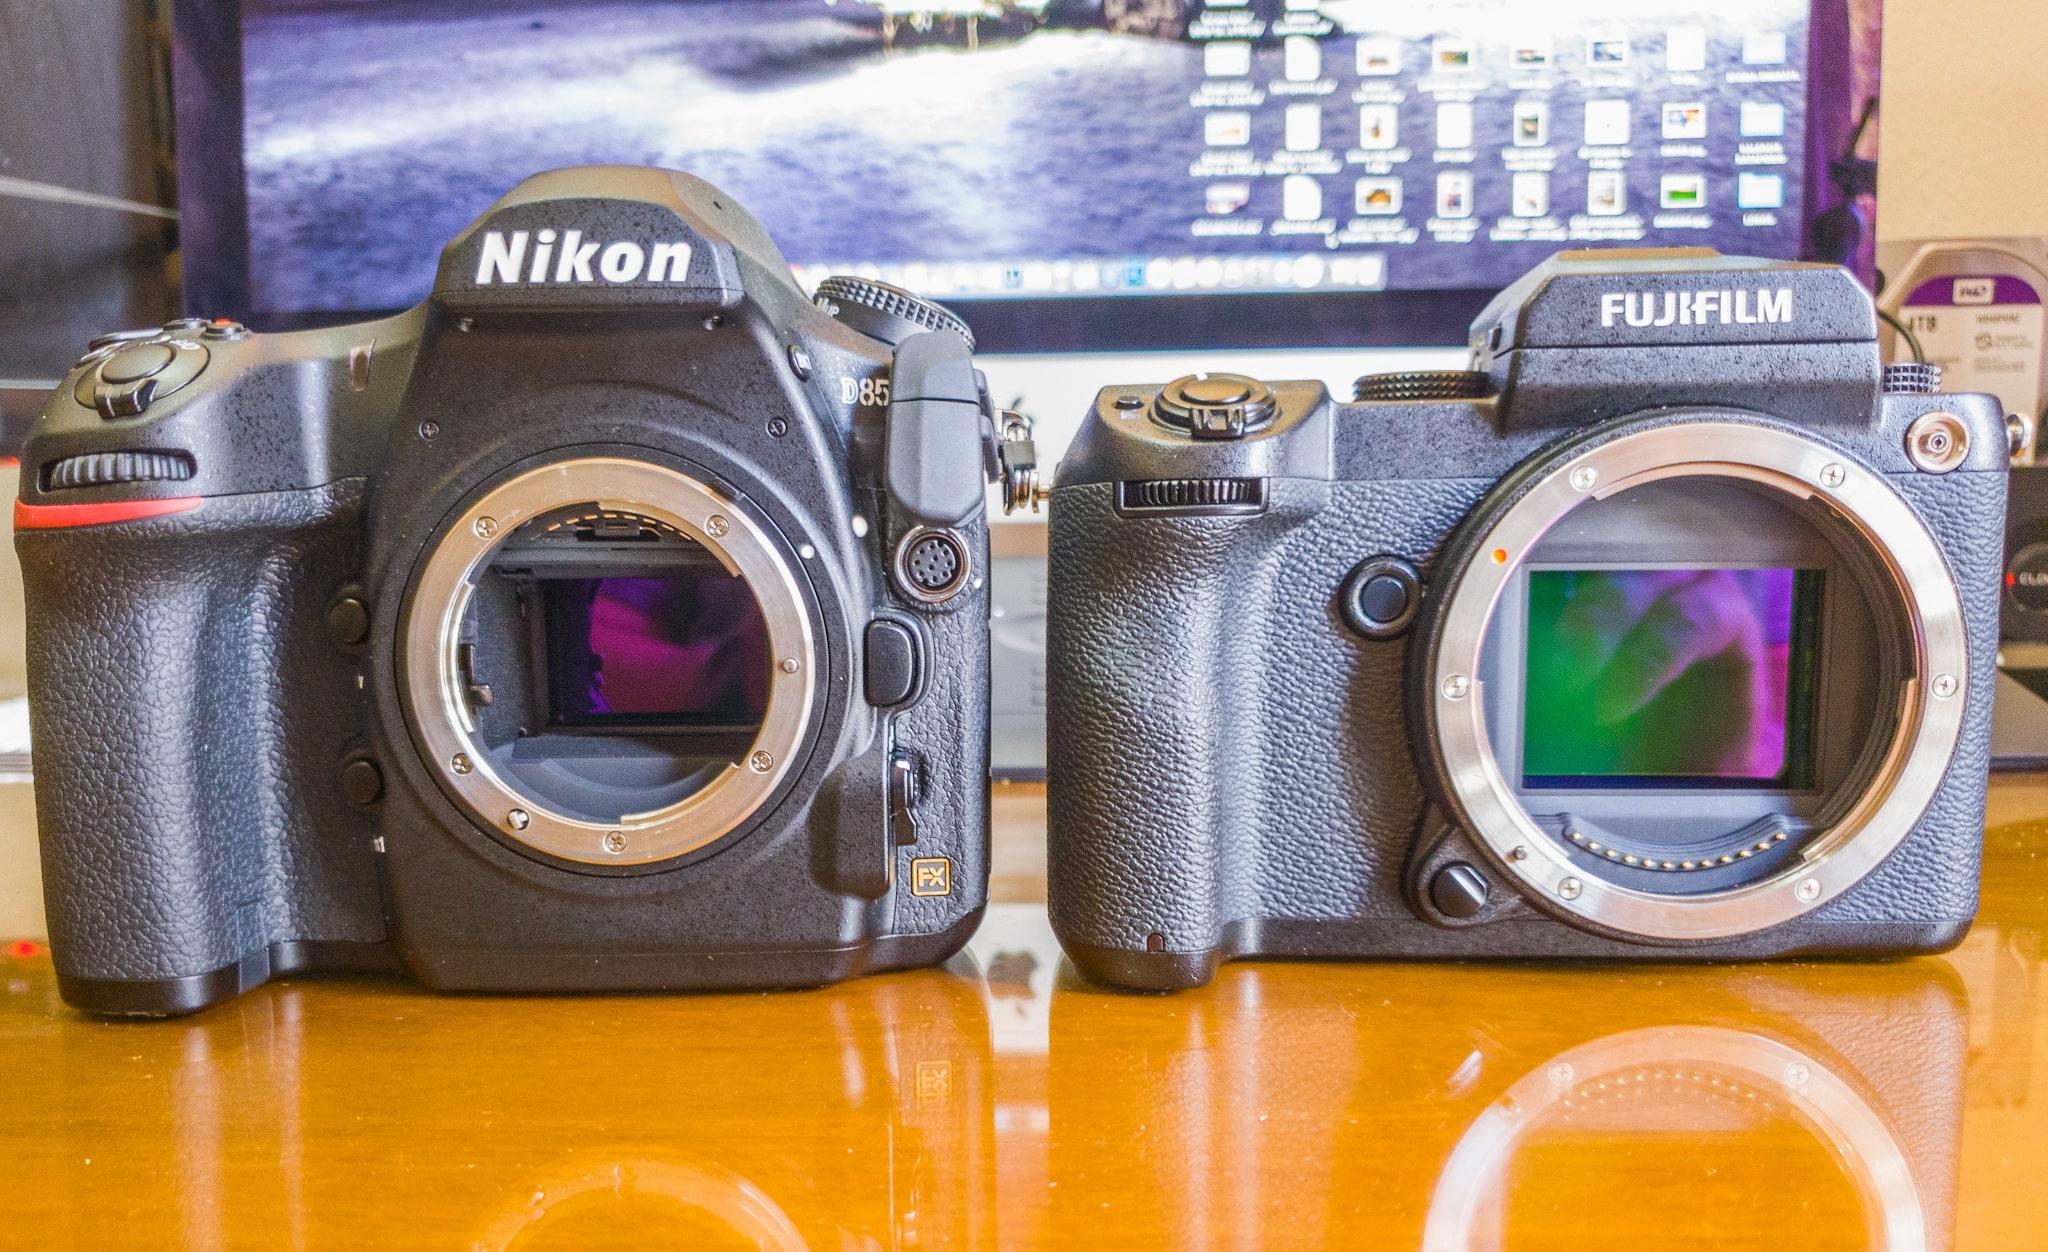 sensor size Nikon D850 vs Fujifilm gfx50s